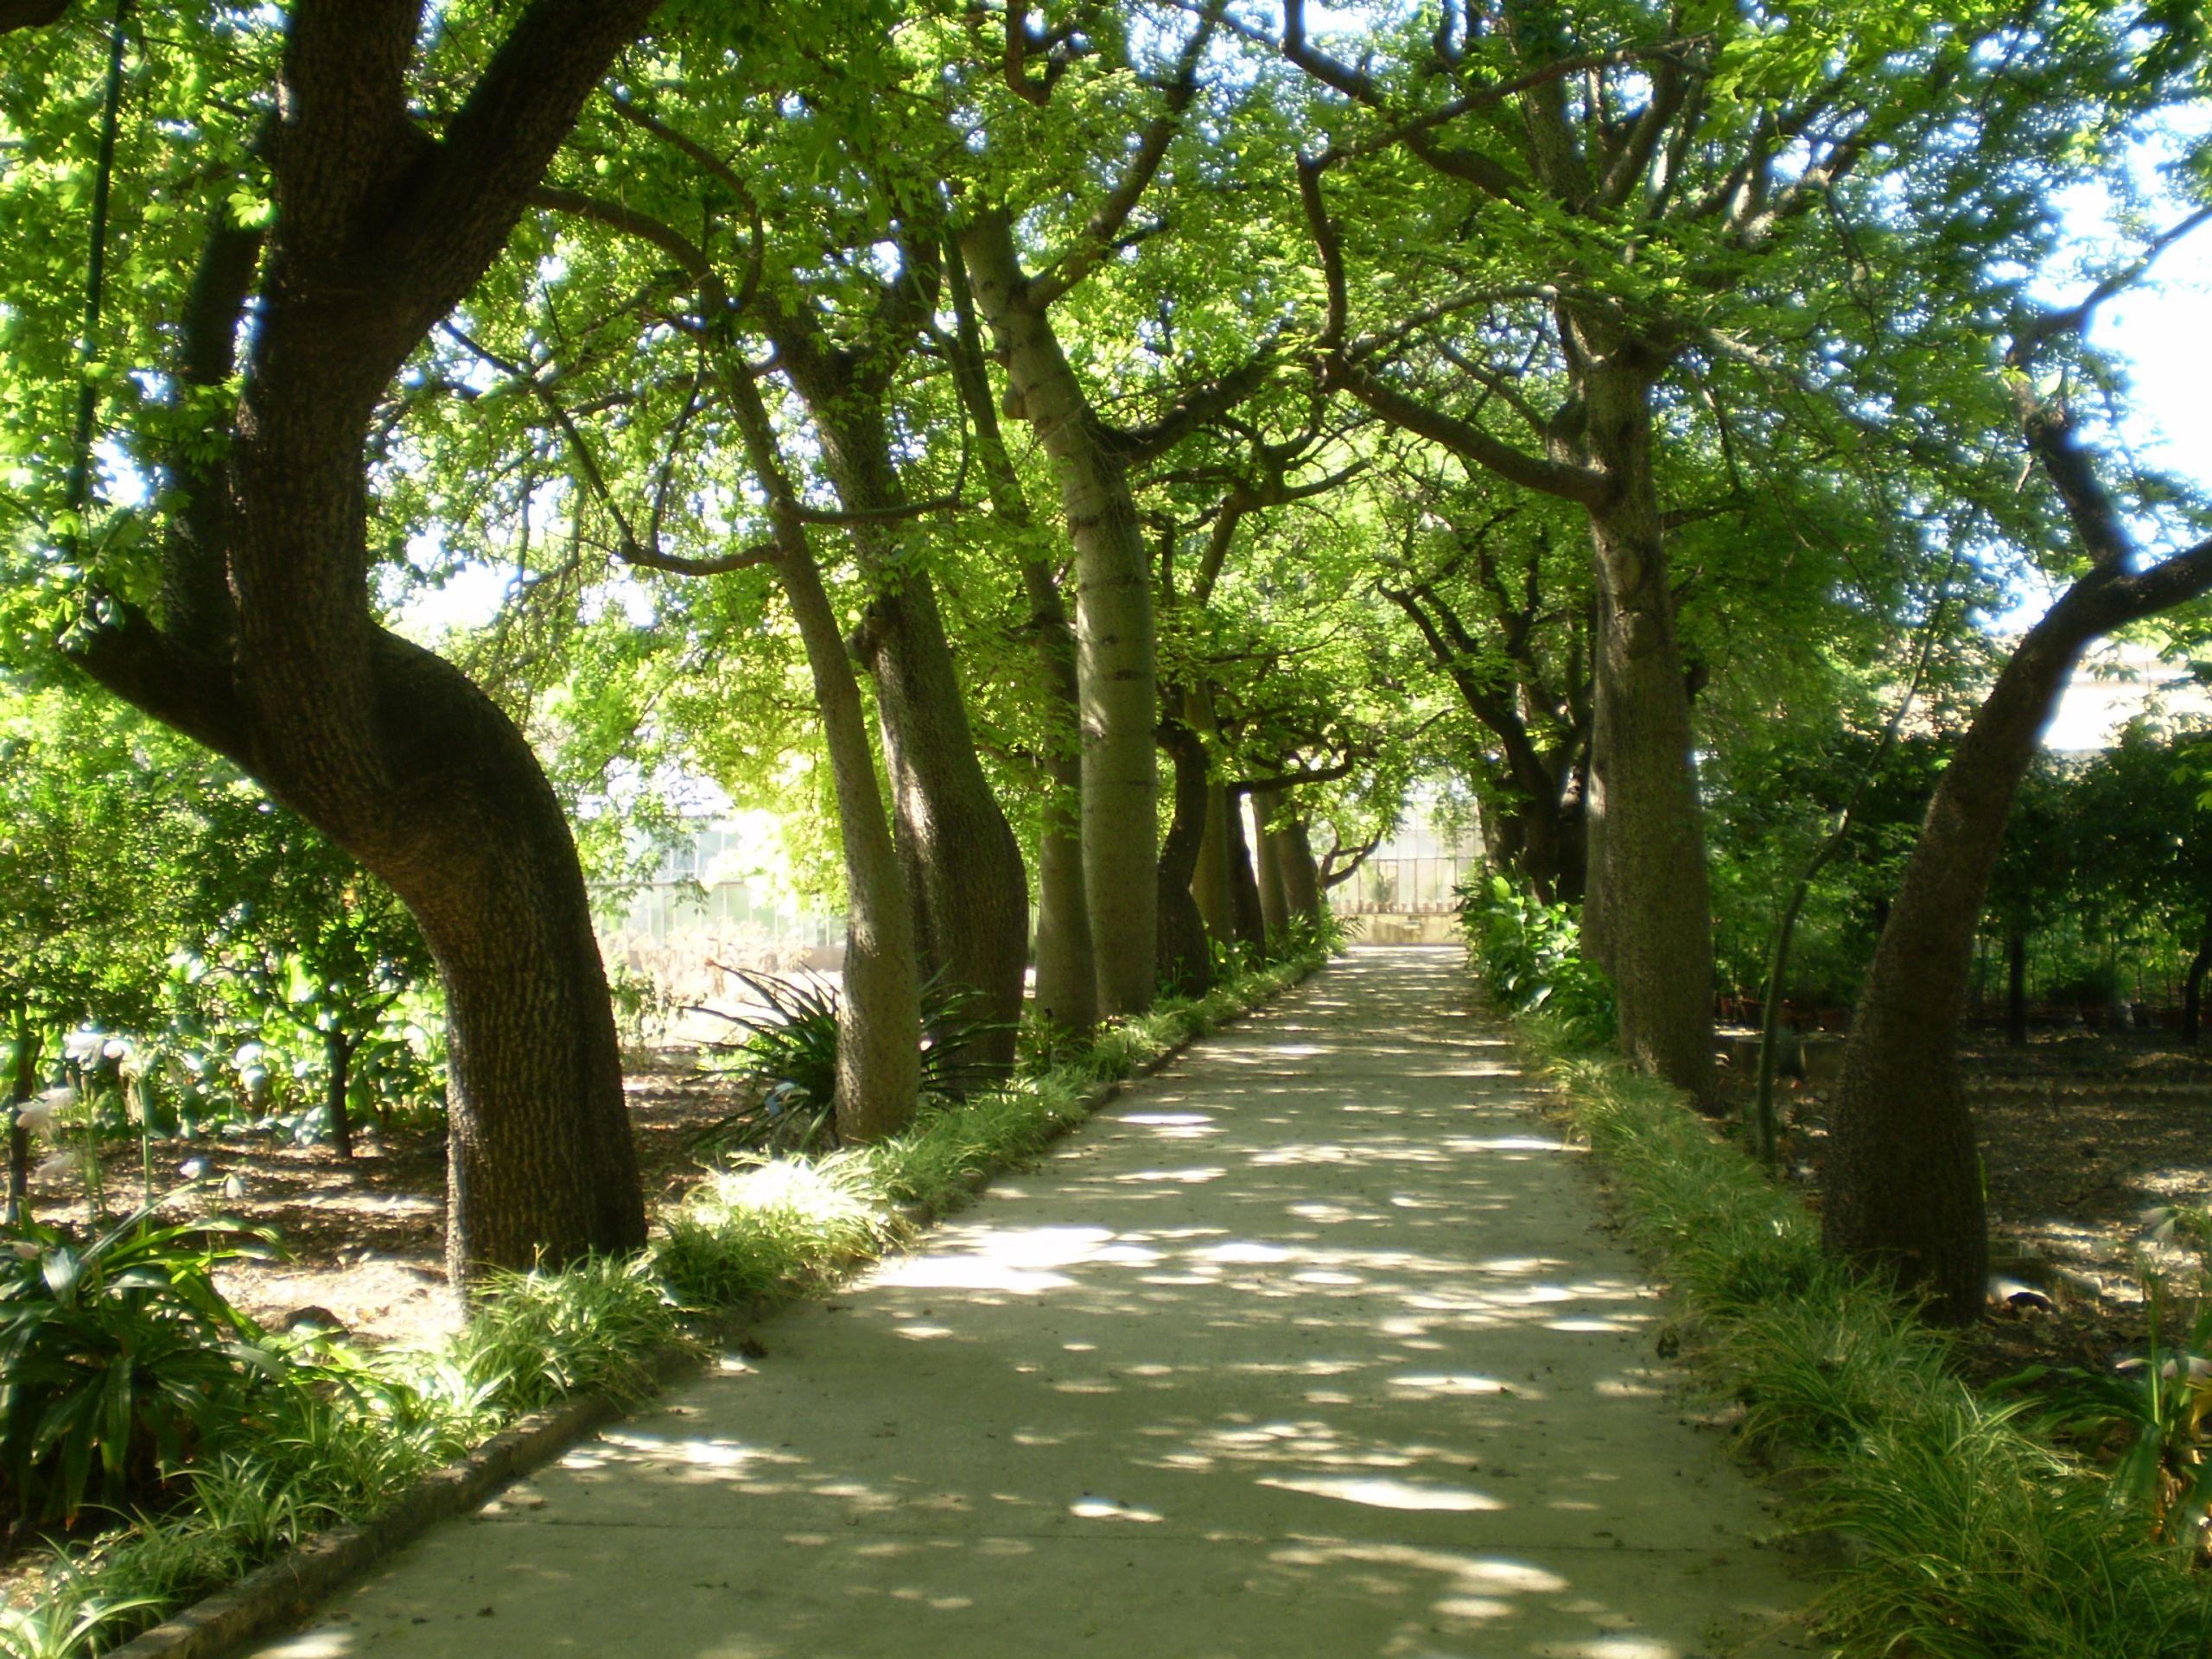 Ceiba speciosa Orto Botanico di Palermo 05